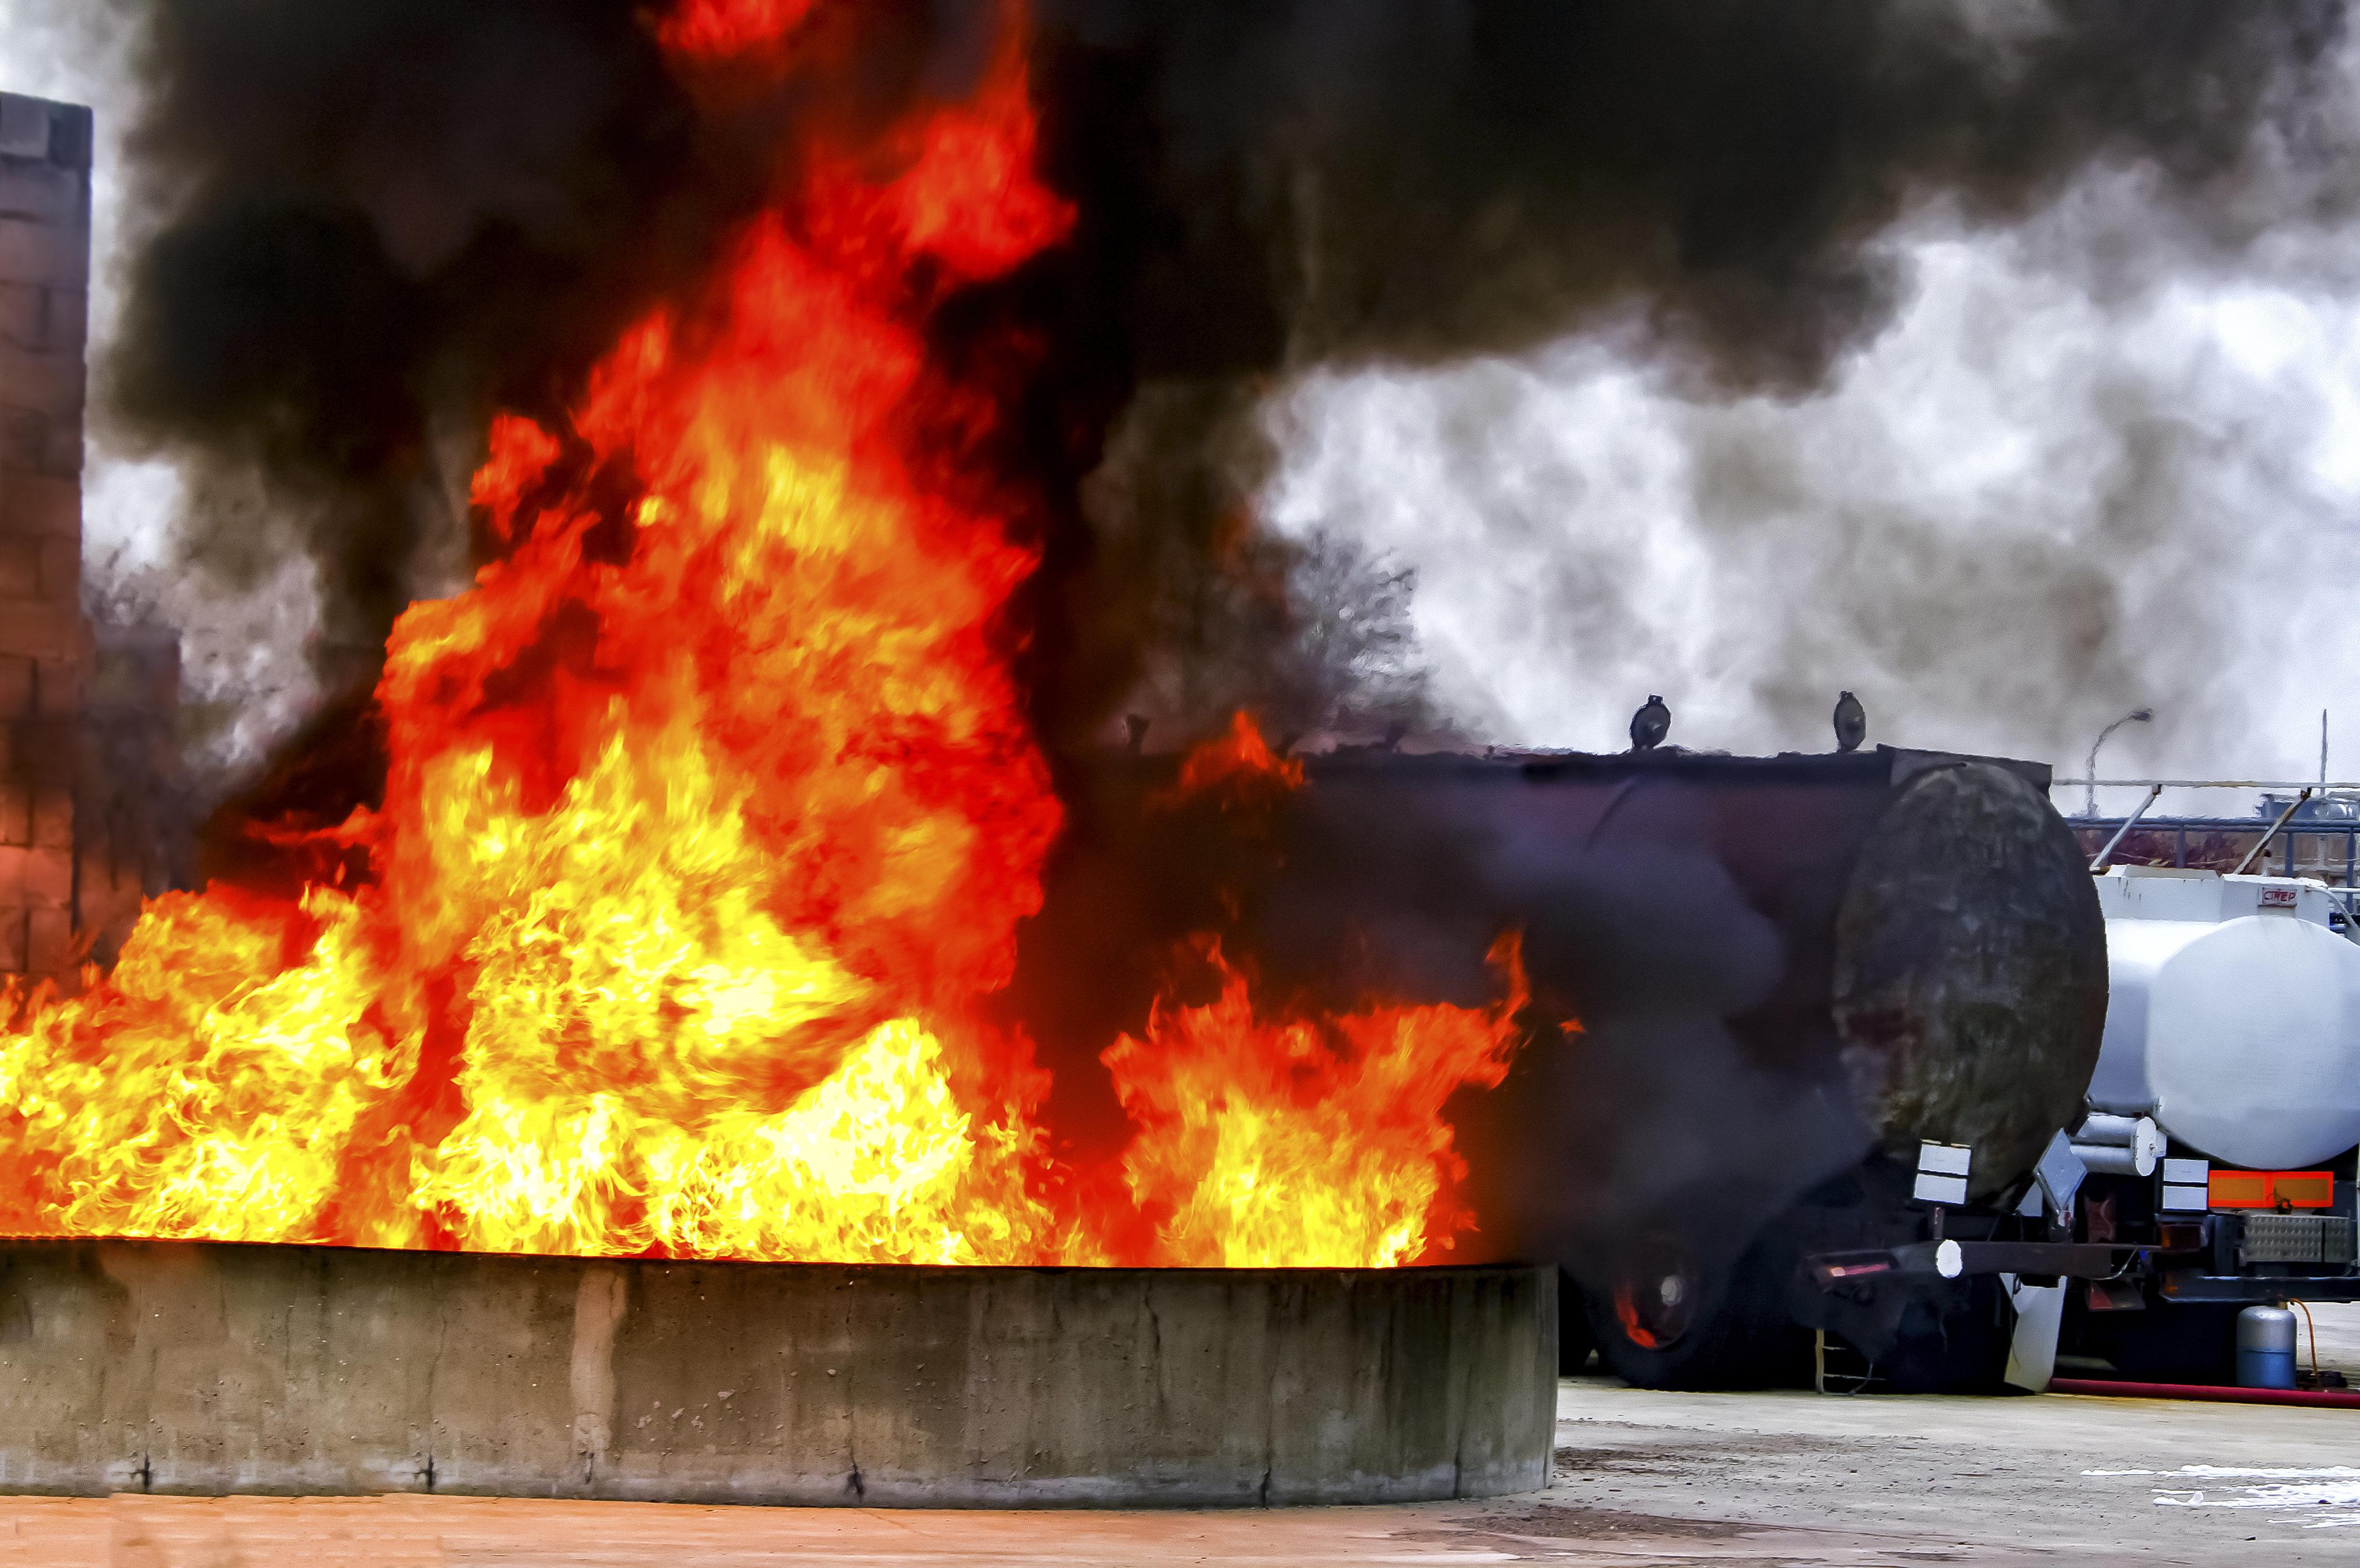 Ουγκάντα: Εννιά μαθητές νεκροί σε φωτιά σε κοιτώνα